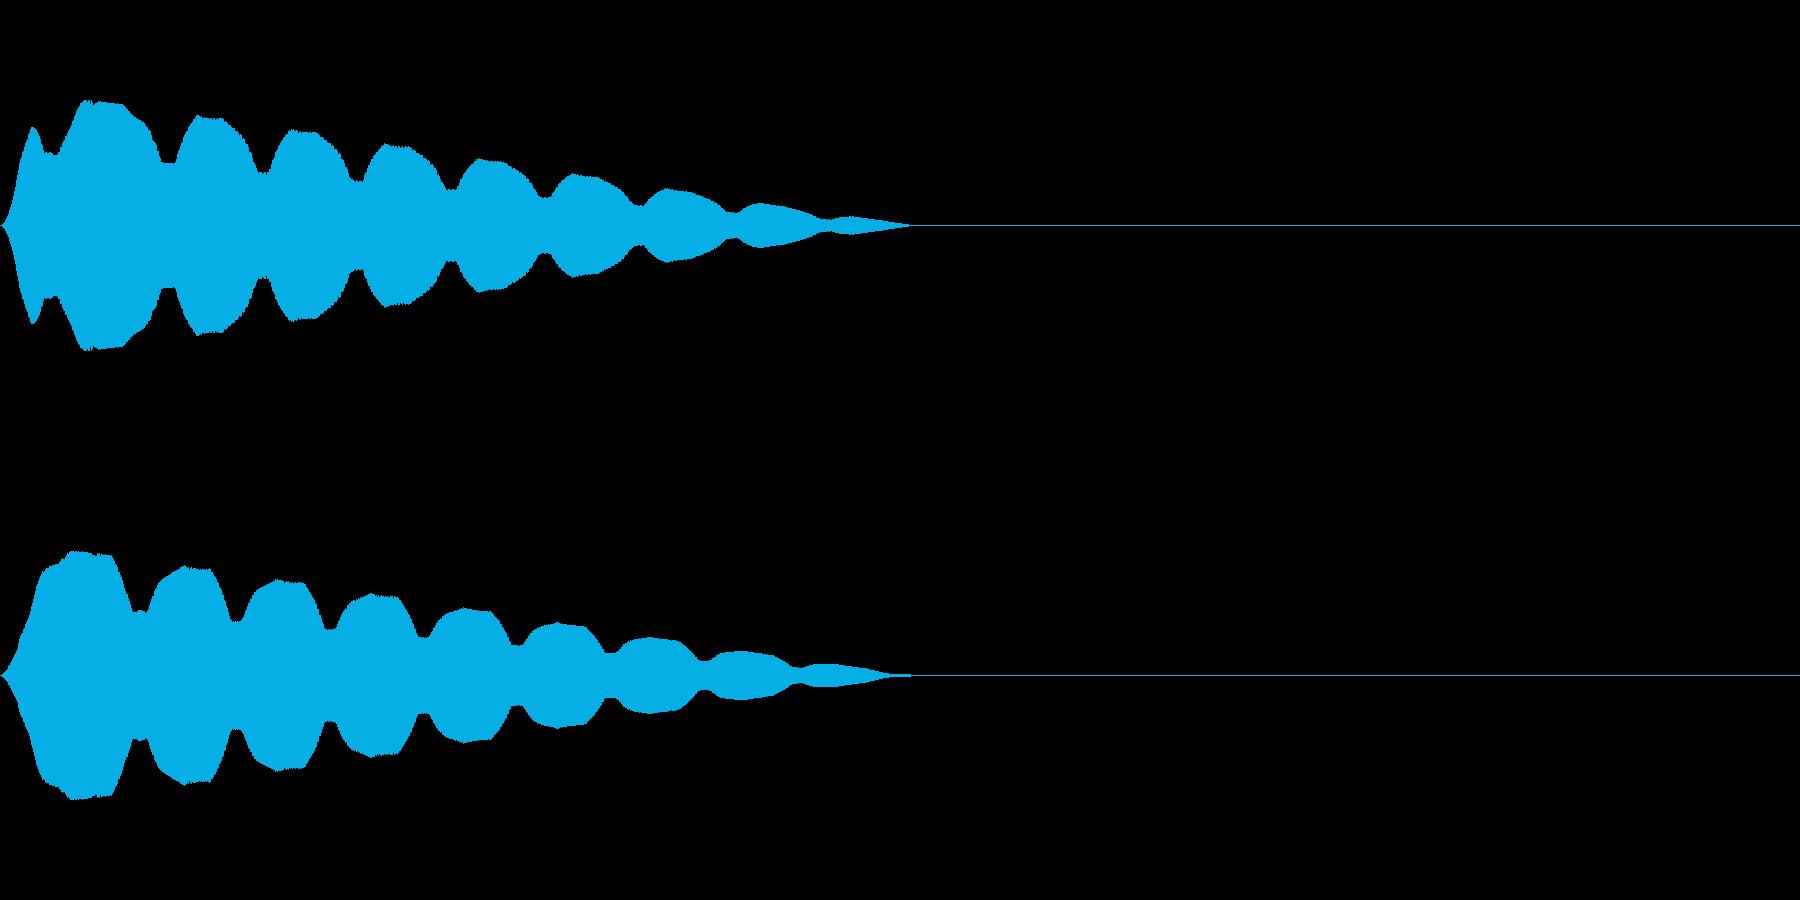 キュイン(飛ばされて星になる タイプ8)の再生済みの波形